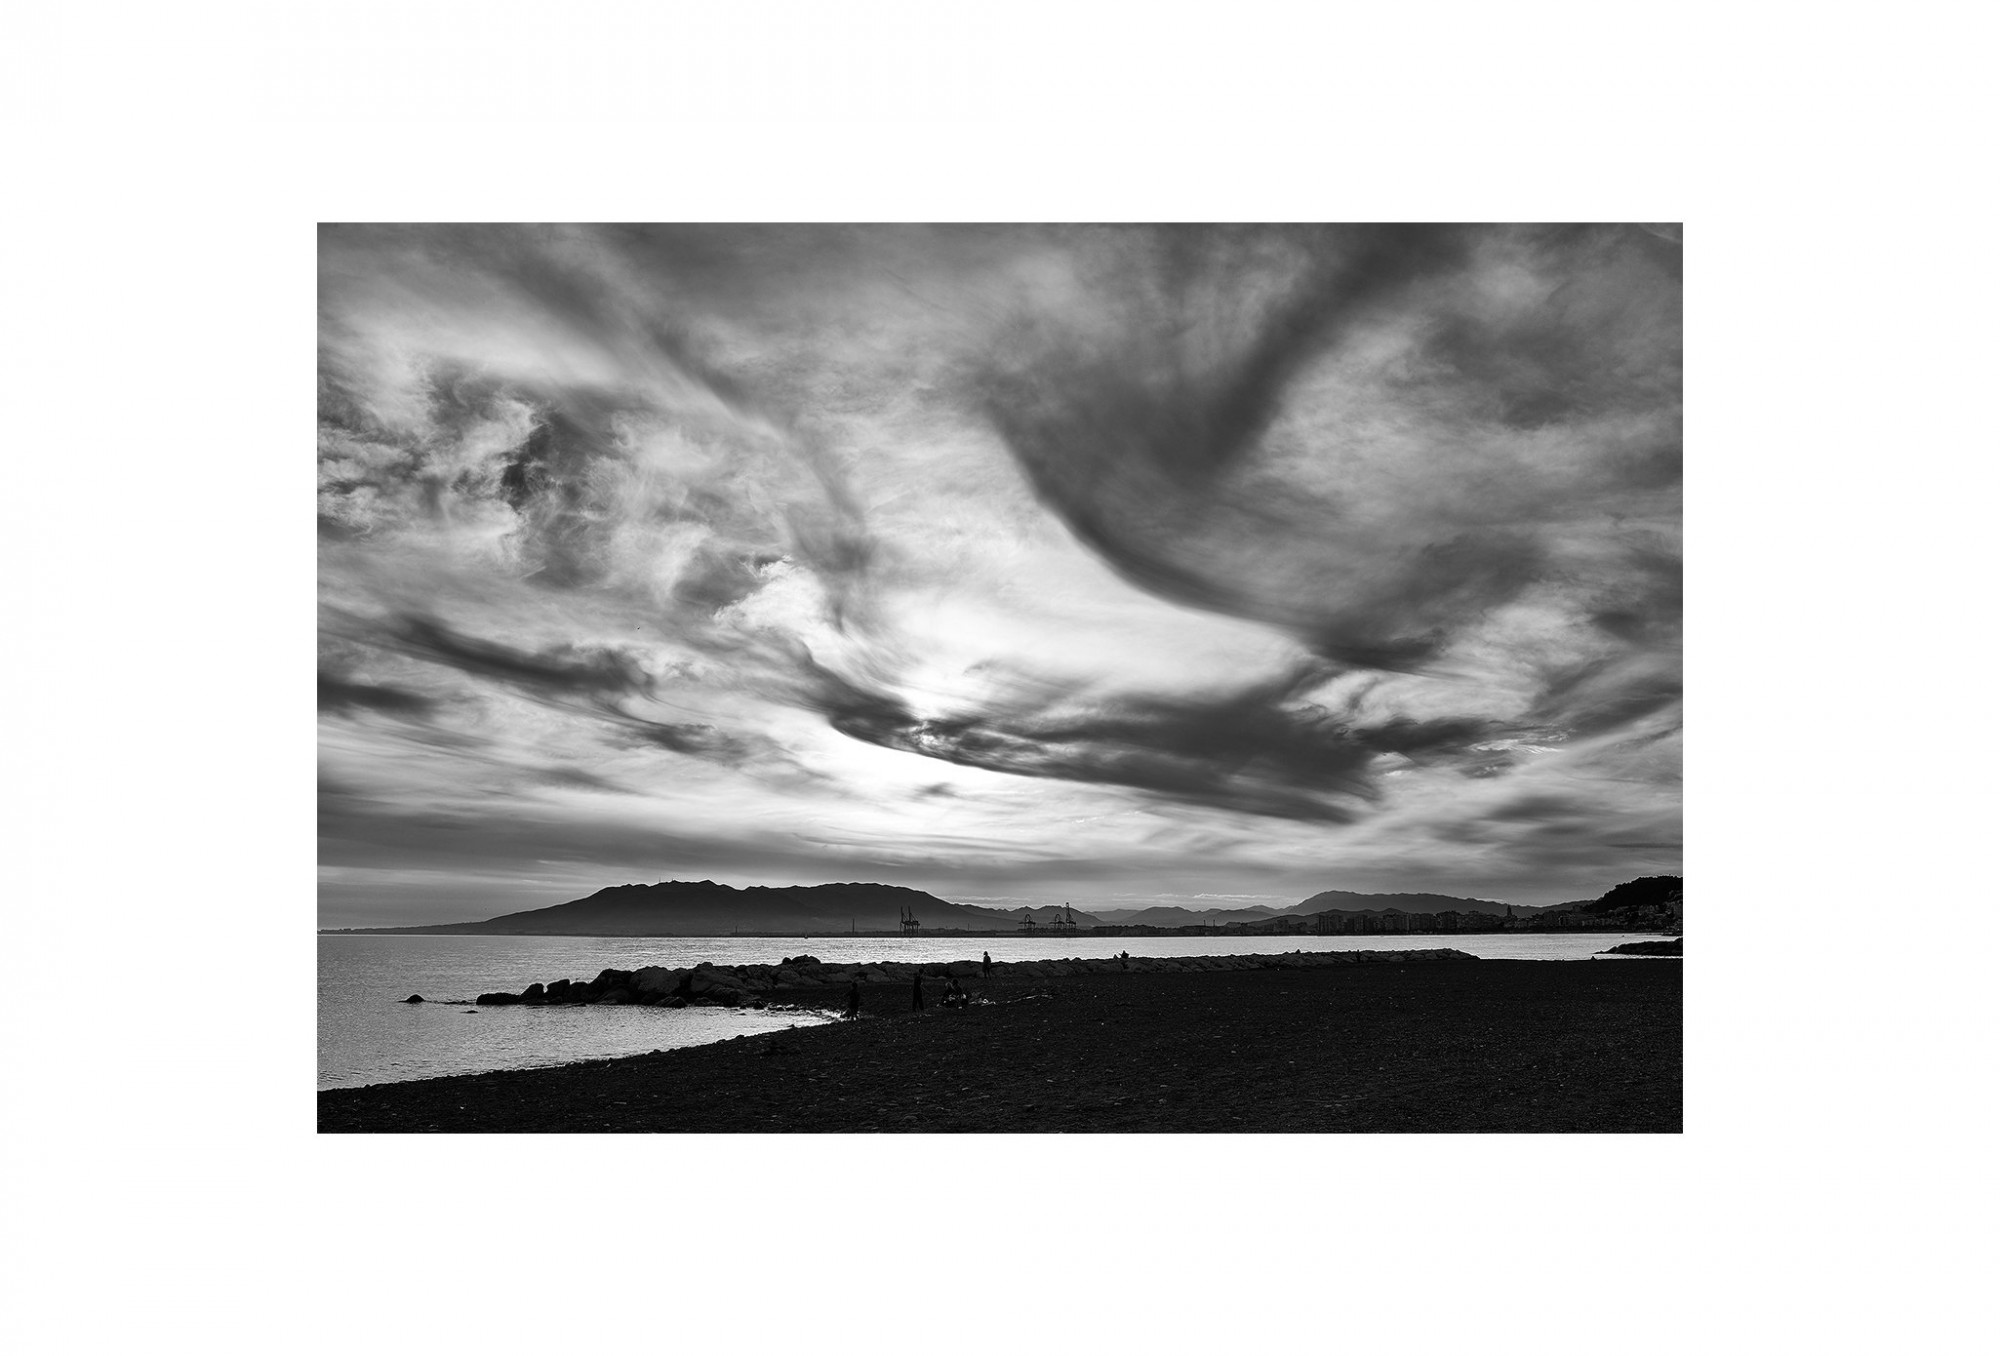 Afbeelding: © Dominique Van Huffel landscape Spain, Malaga, foto kunst zwart wit, landschapsfotografie.